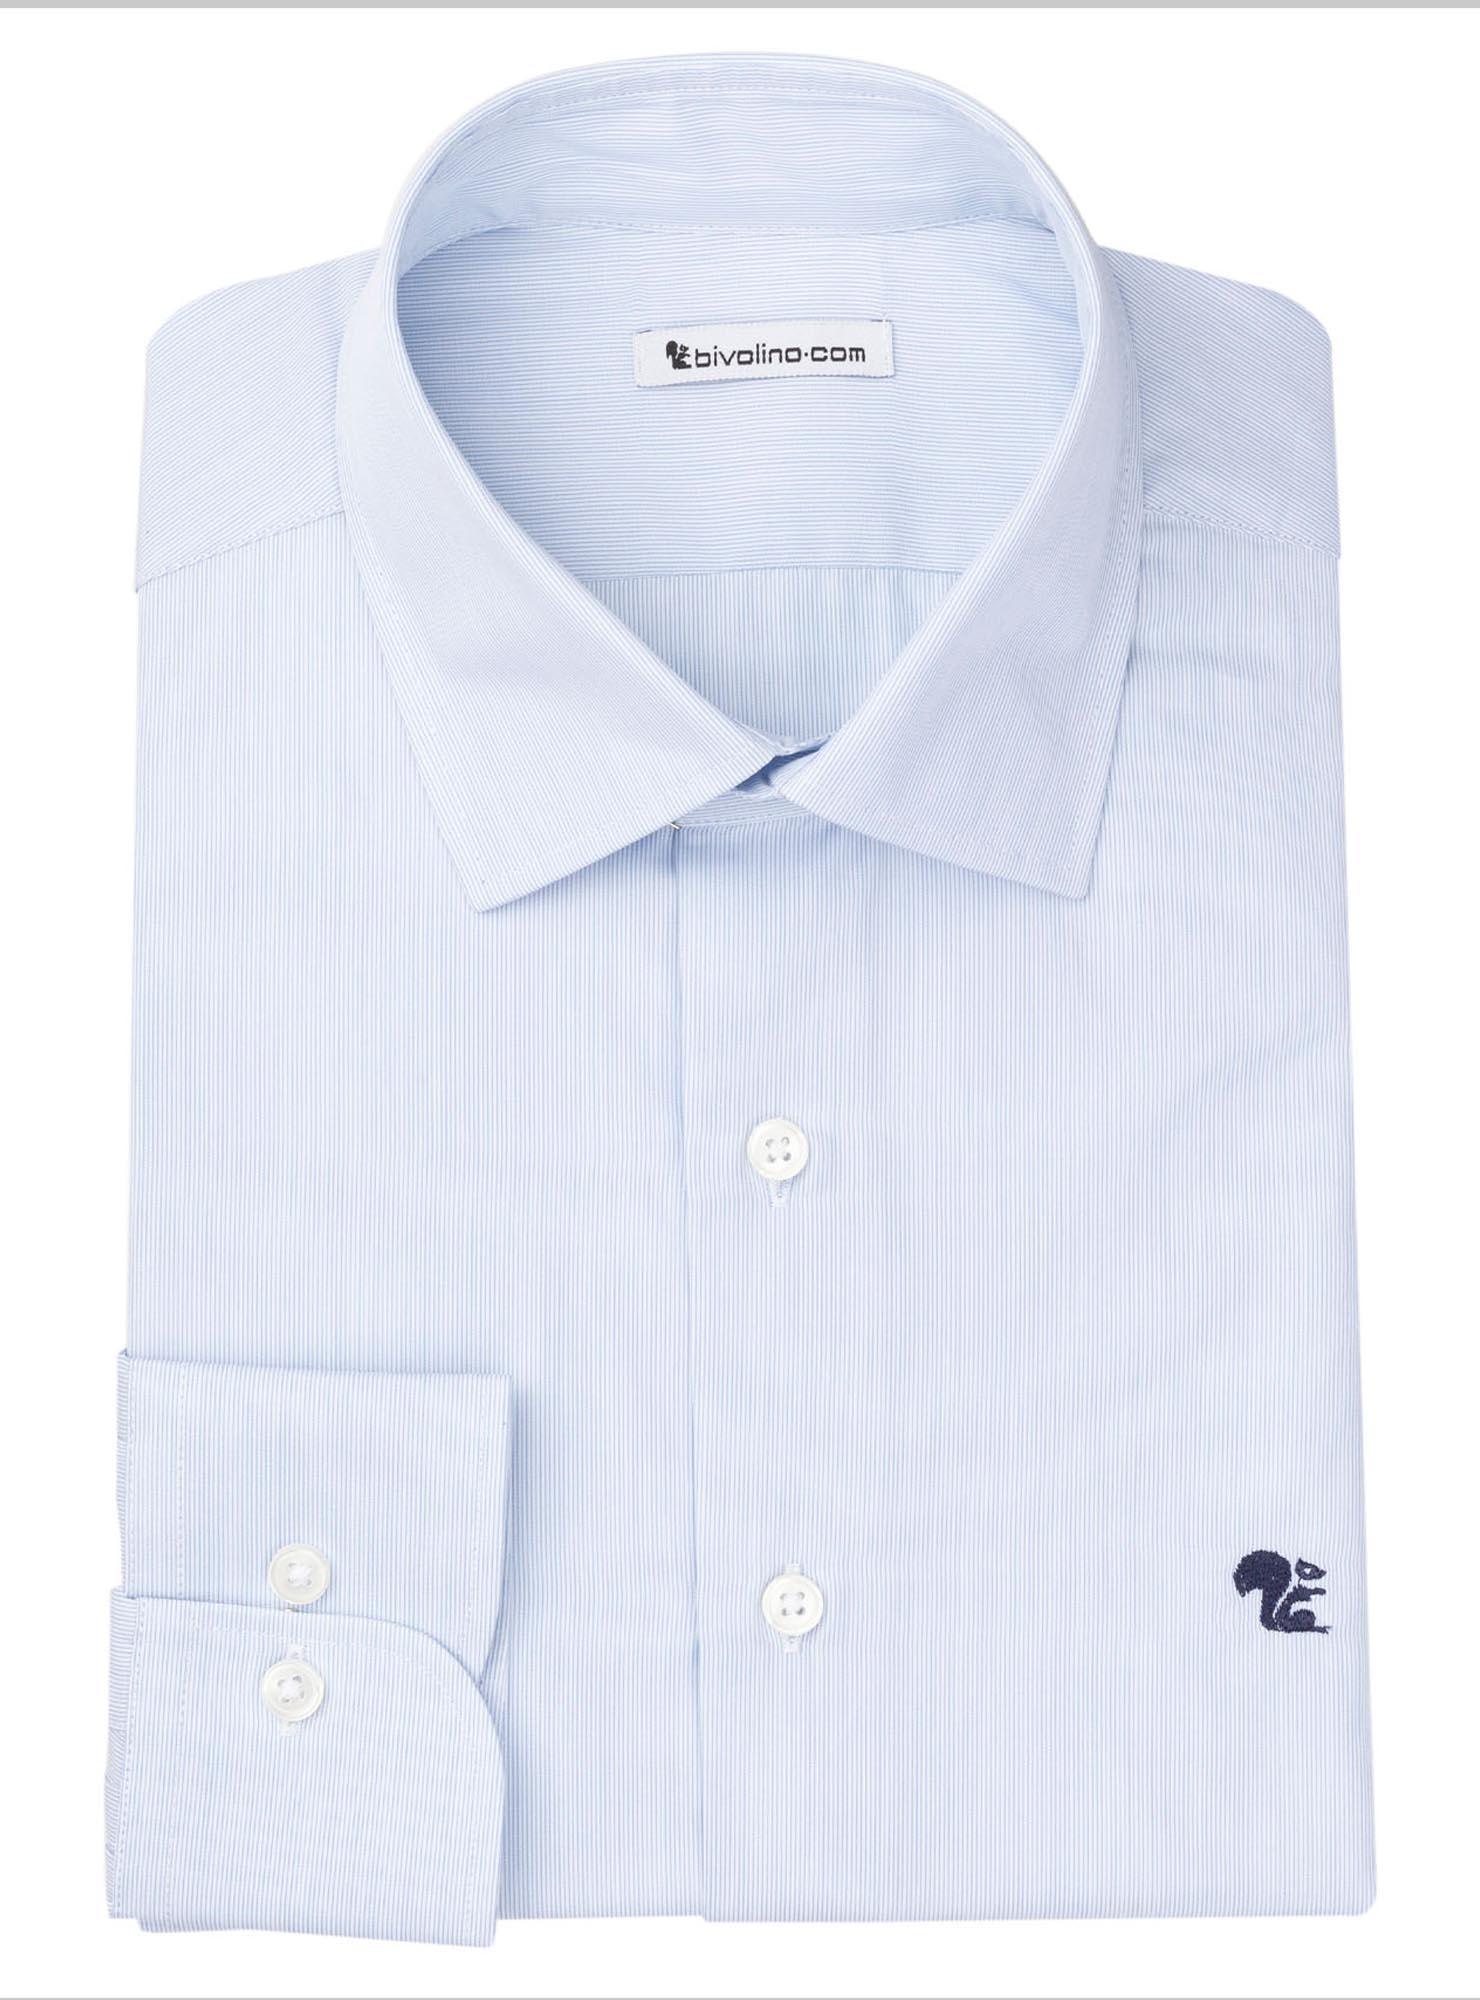 REGGICALABRIA - chemise homme coton milleraie - DORCA 5